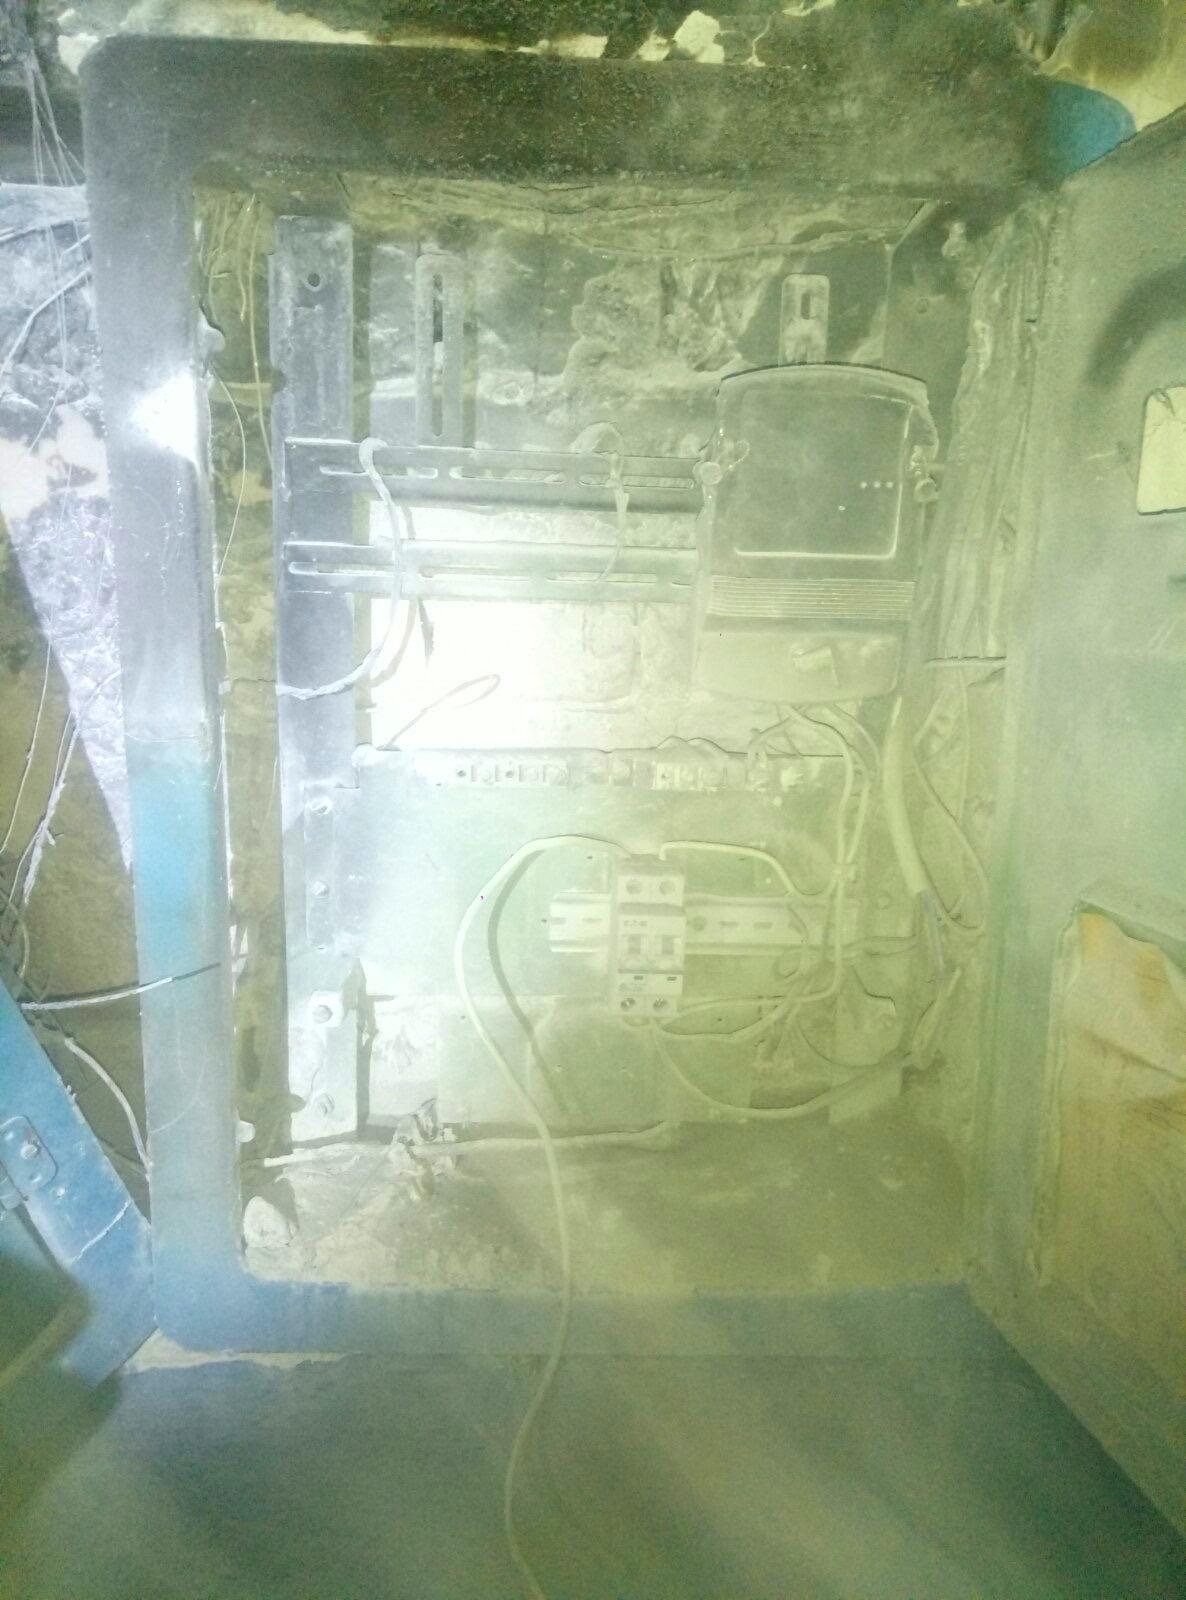 Під Києвом в багатоквартирному будинку загорілася електрощитова - пожежа - 03 1